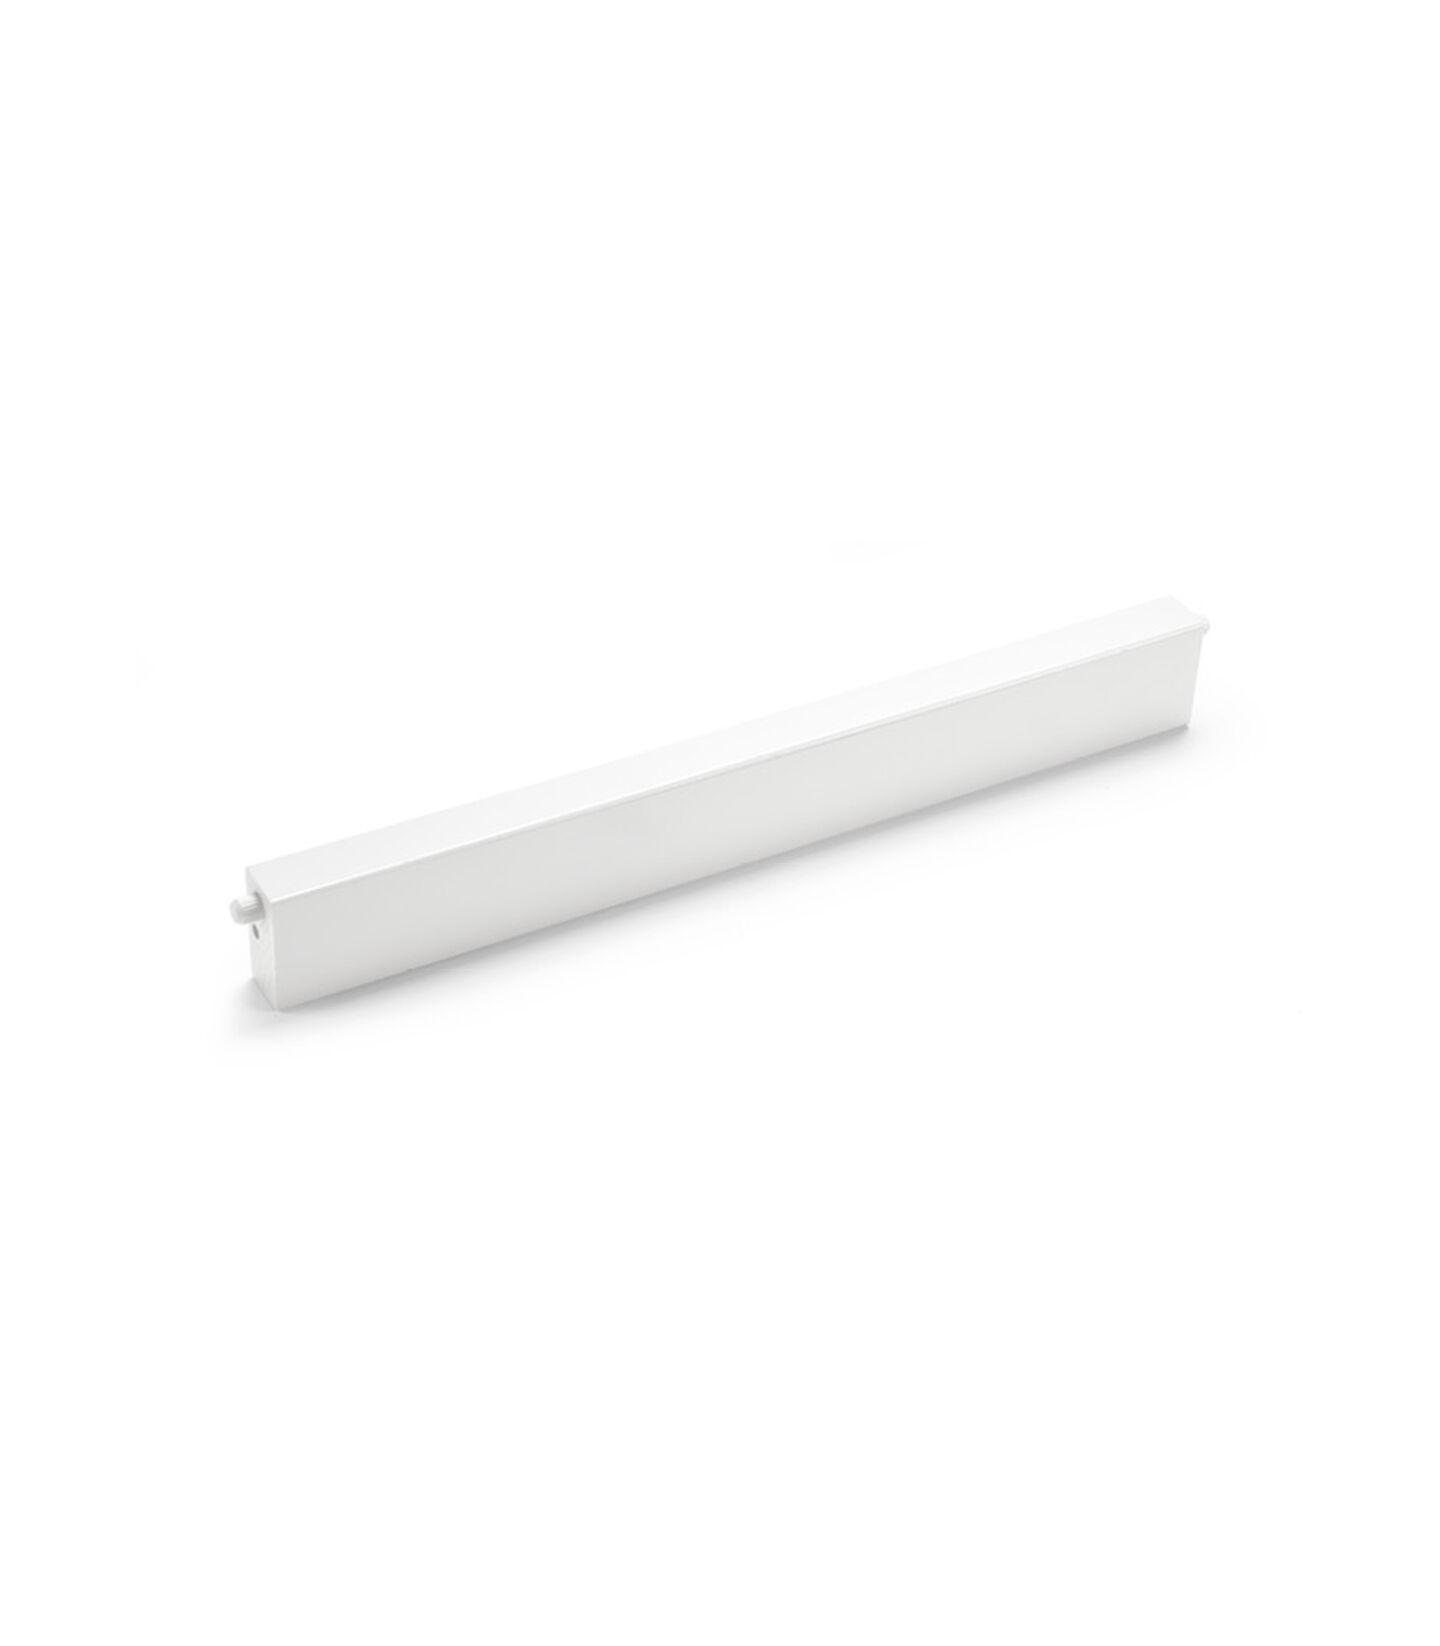 Tripp Trapp® Bodenanker White, White, mainview view 2